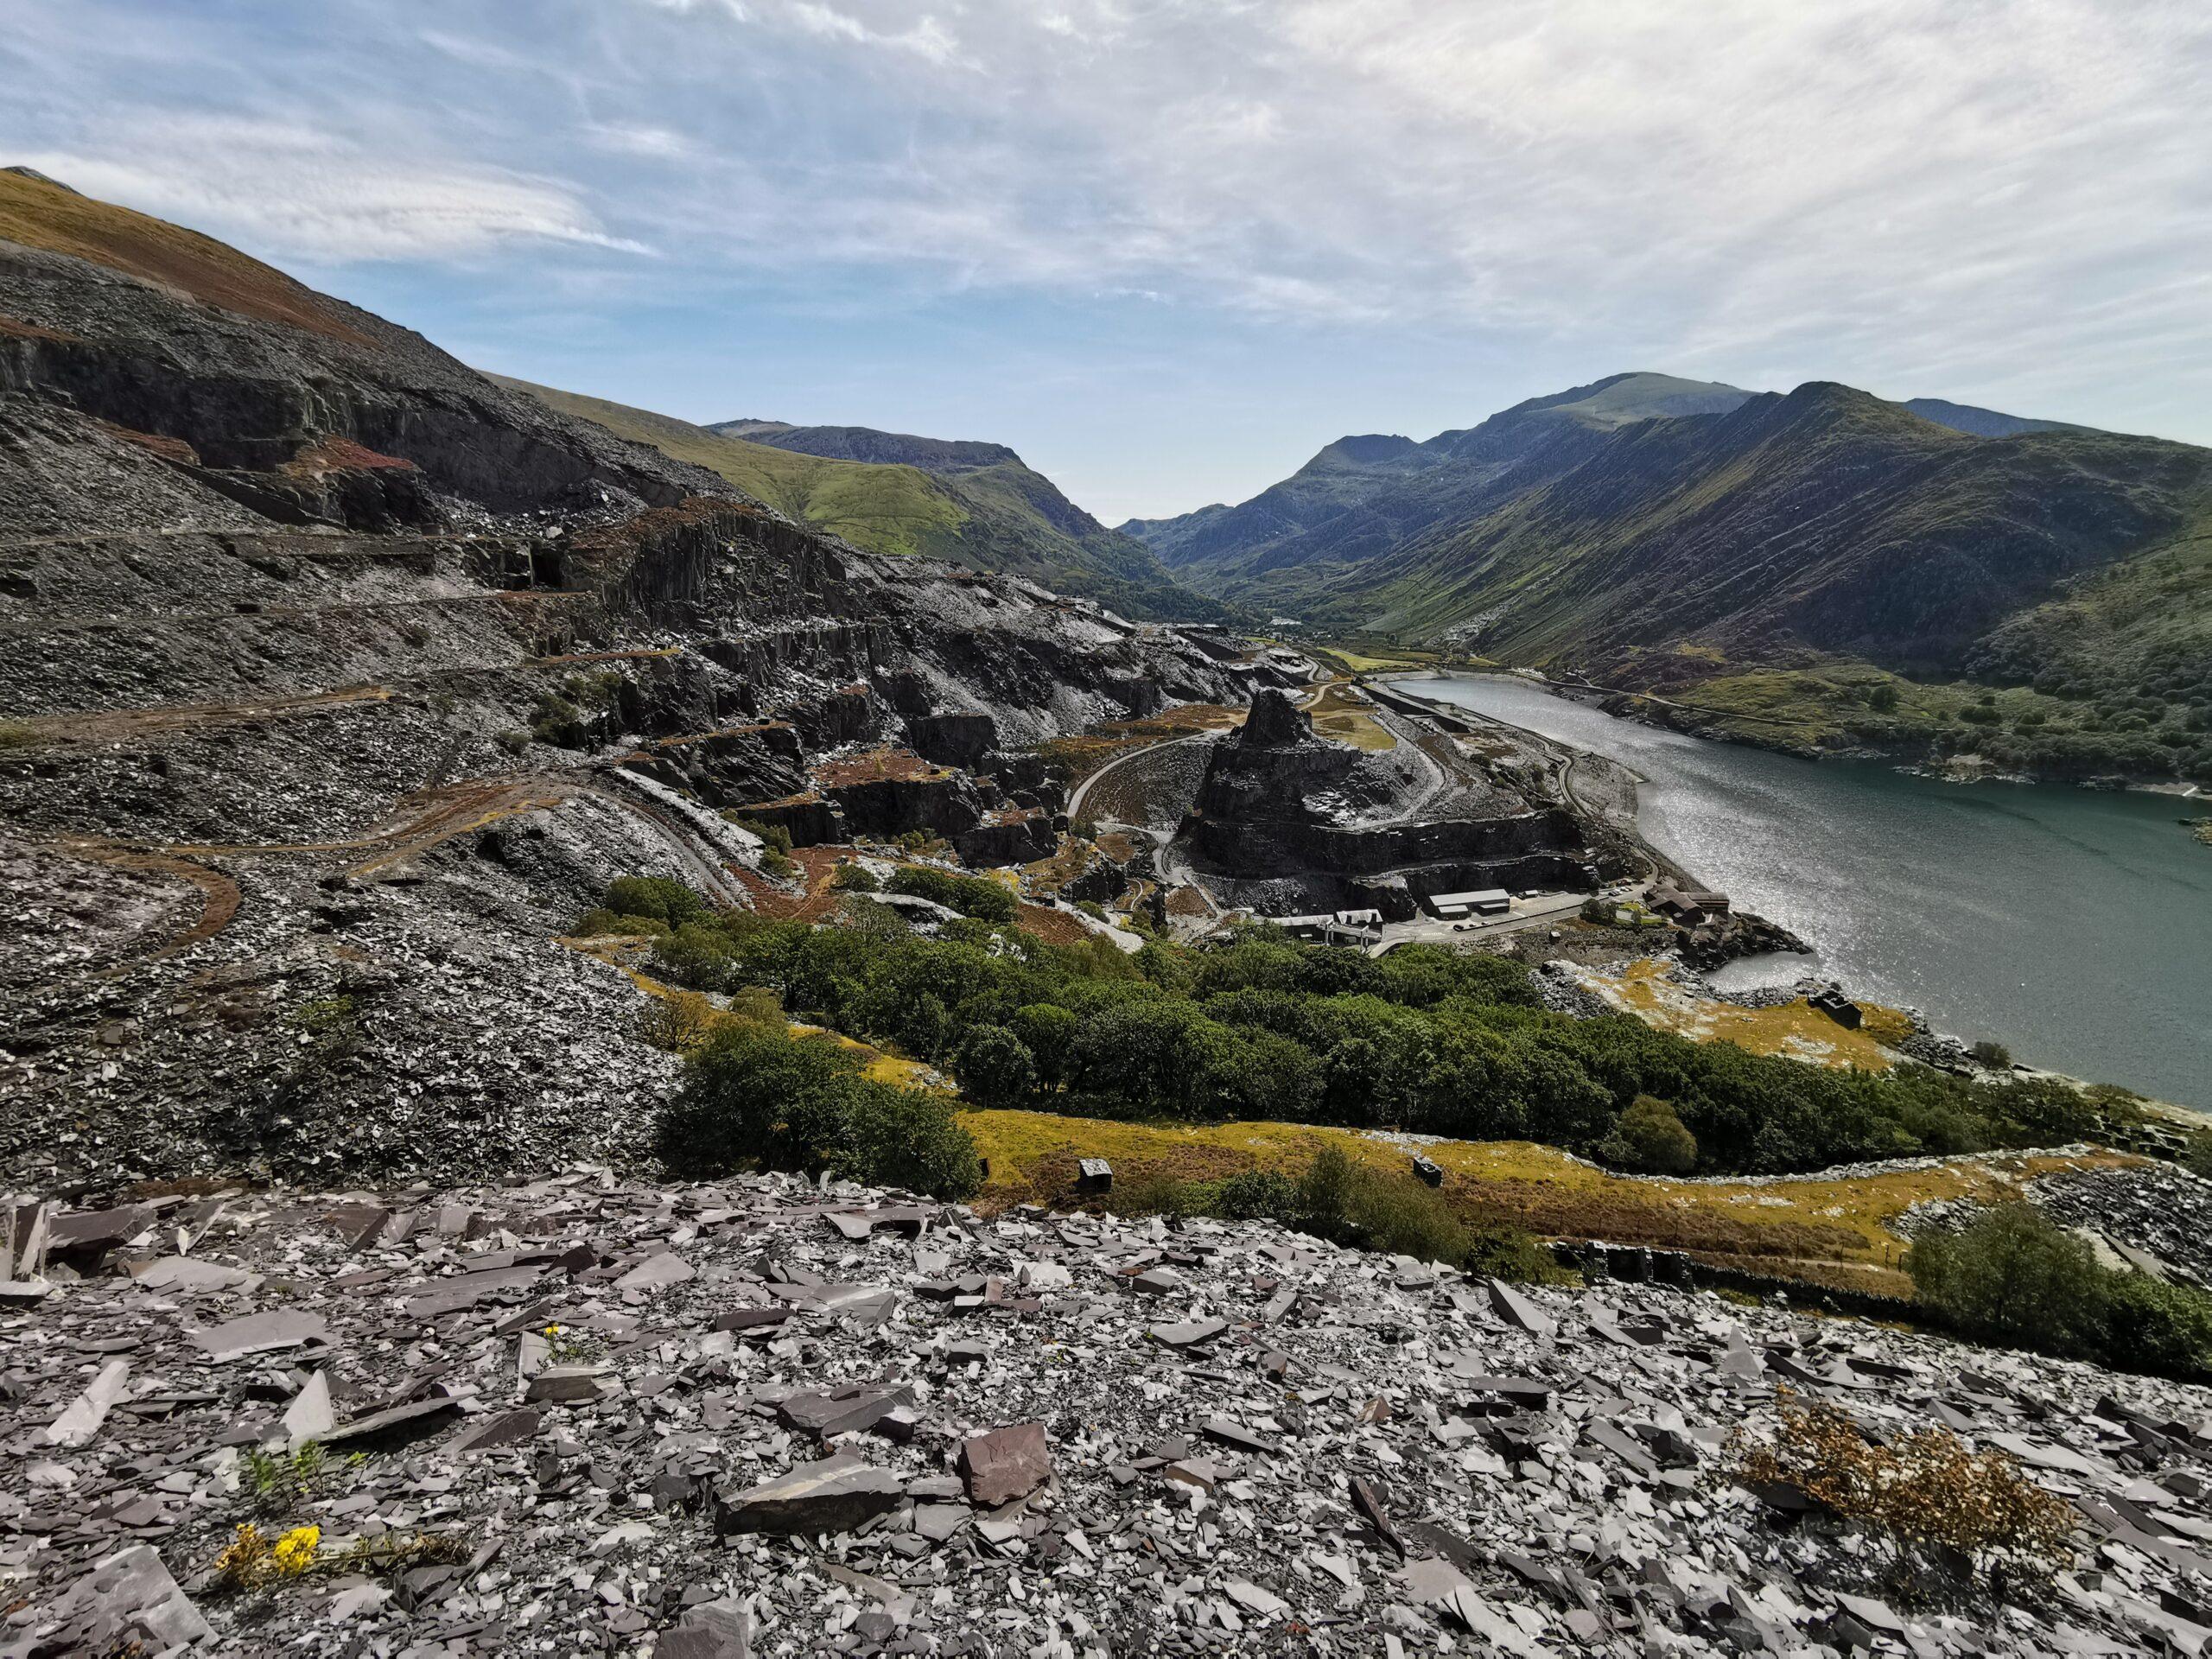 Blick aufs Wasserkraftwerk Dinorwig mit Steinbruch.